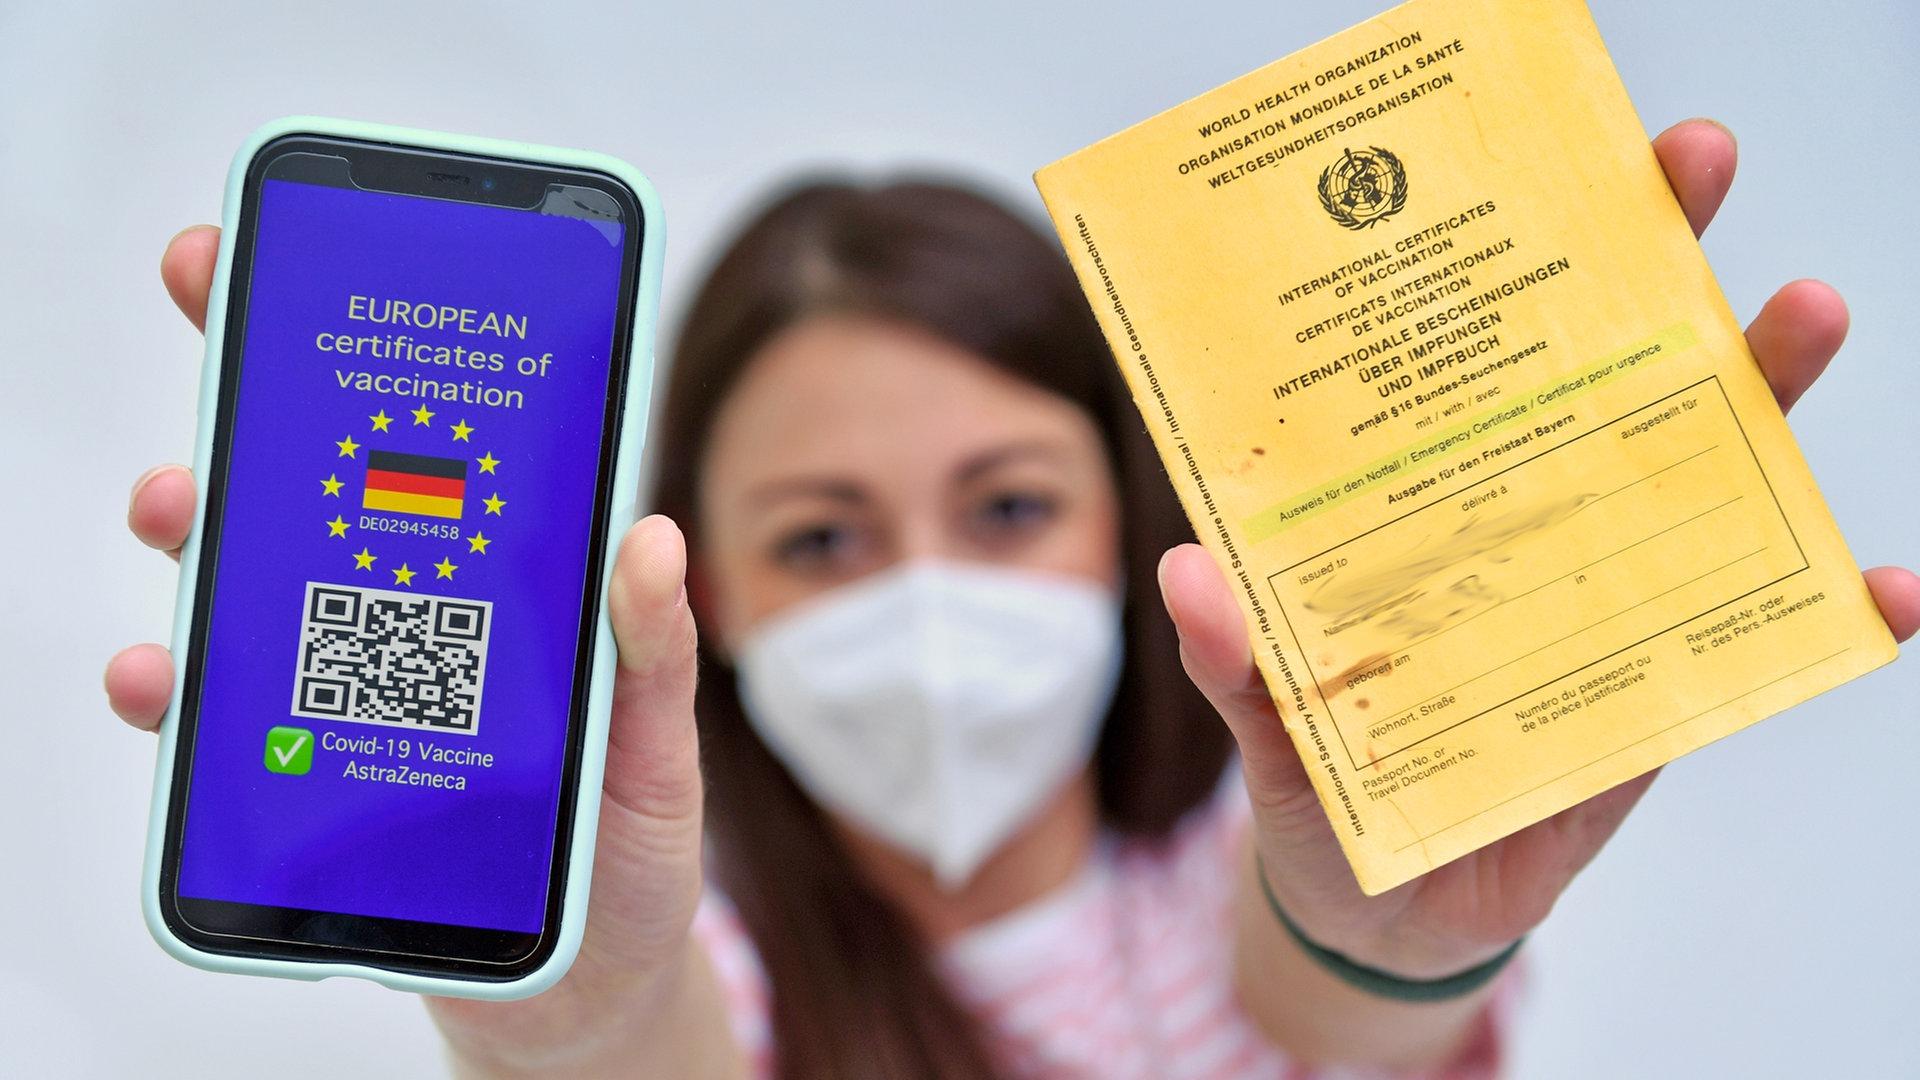 Digitaler Impfpass Wo Bekommt Man Ihn Wo Gilt Er Ndr De Ratgeber Gesundheit